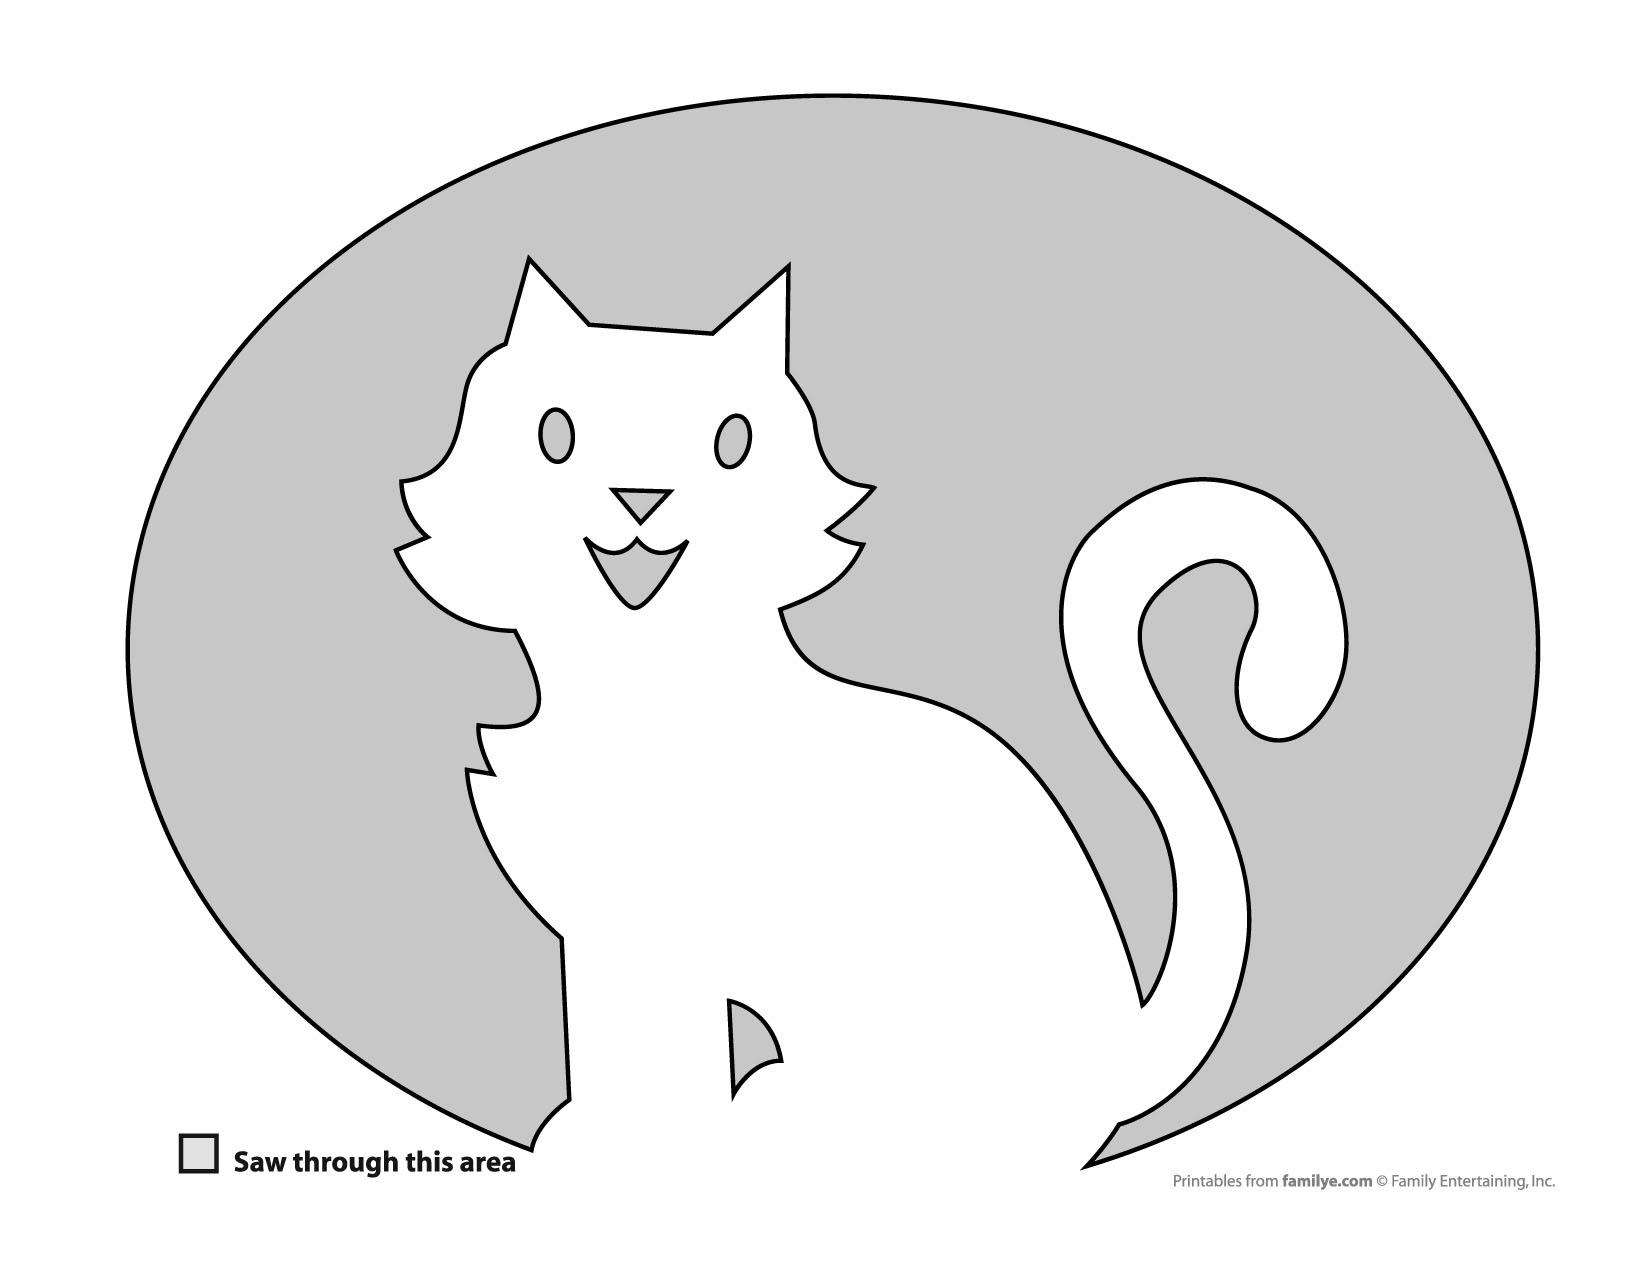 Free Printable Pumpkin Stencils Animals - 17.11.kaartenstemp.nl • - Small Pumpkin Stencils Free Printable